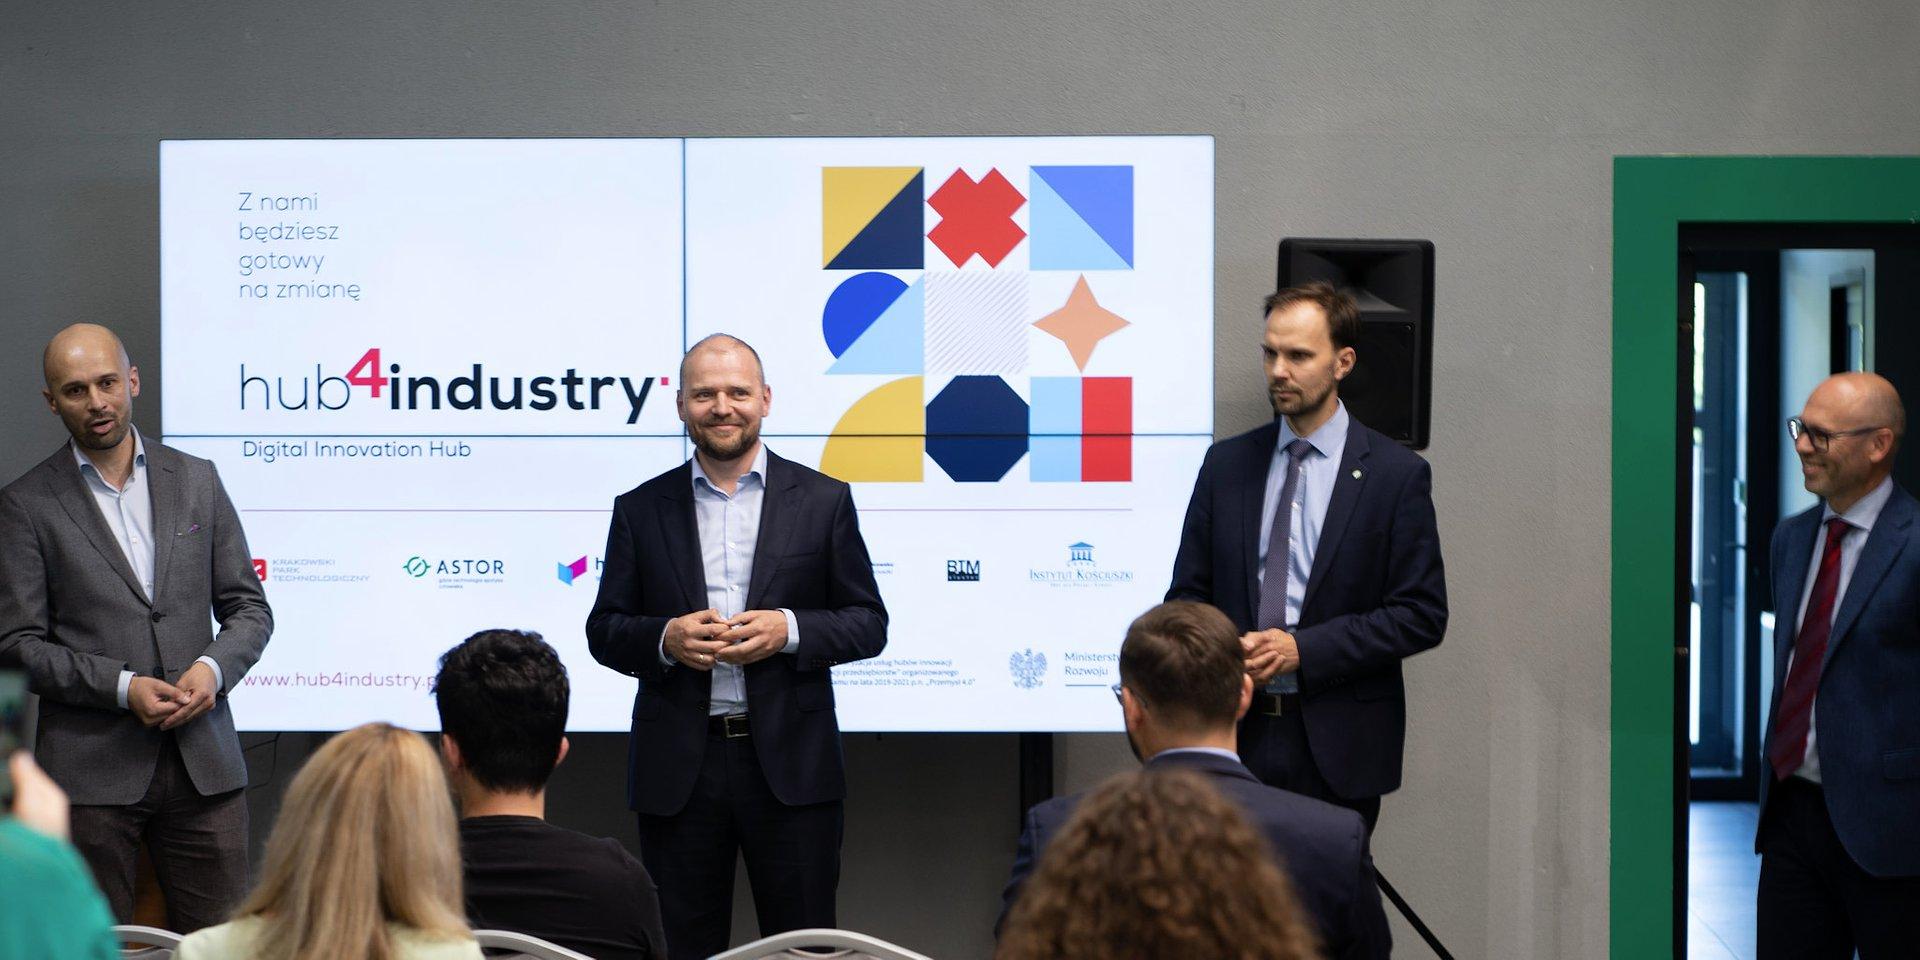 Rzut oka na fabrykę przyszłości – w Krakowie powstaje miejsce, gdzie zobaczysz rozwiązania przemysłu 4.0. w praktyce